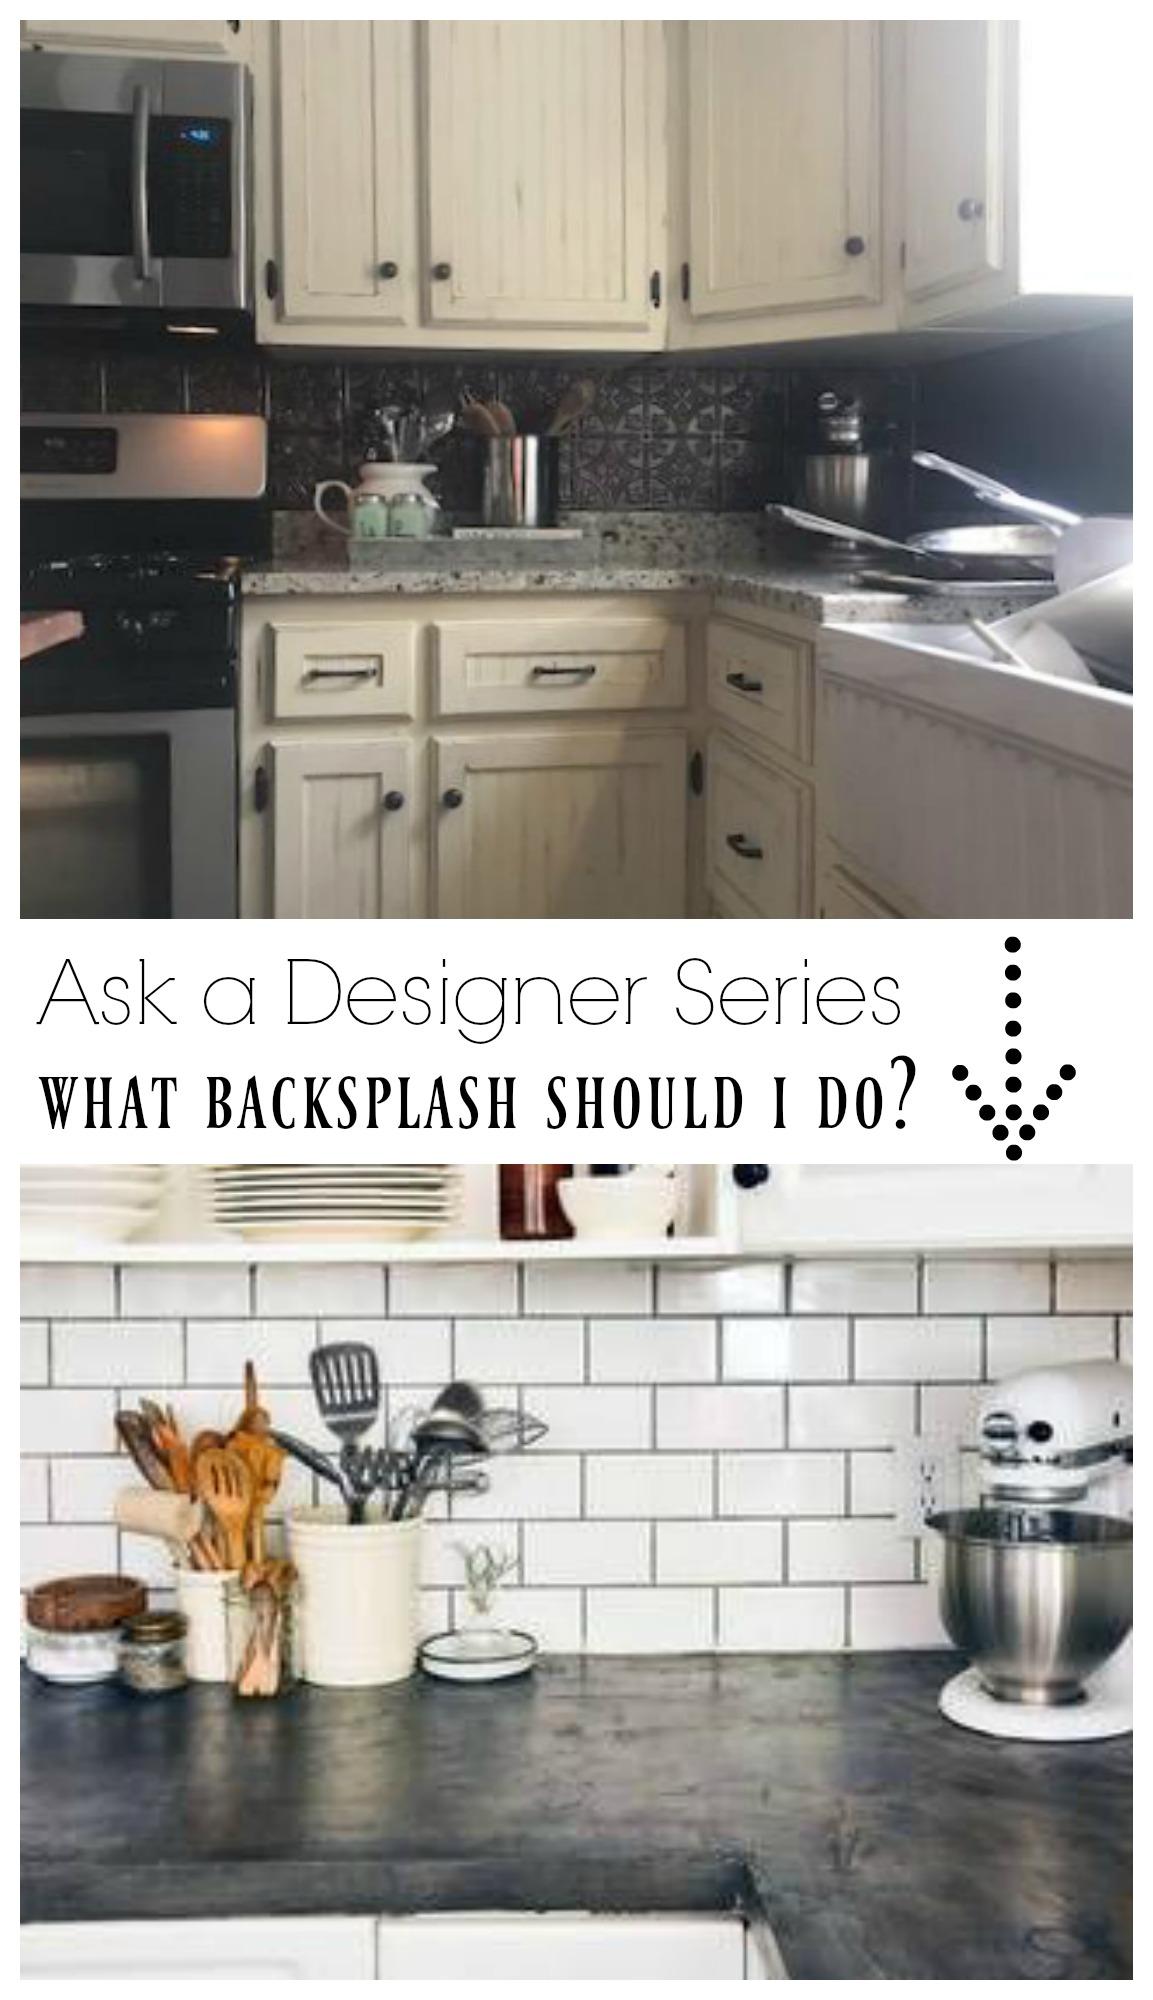 Ask a Designer Series- What backsplash should I do?